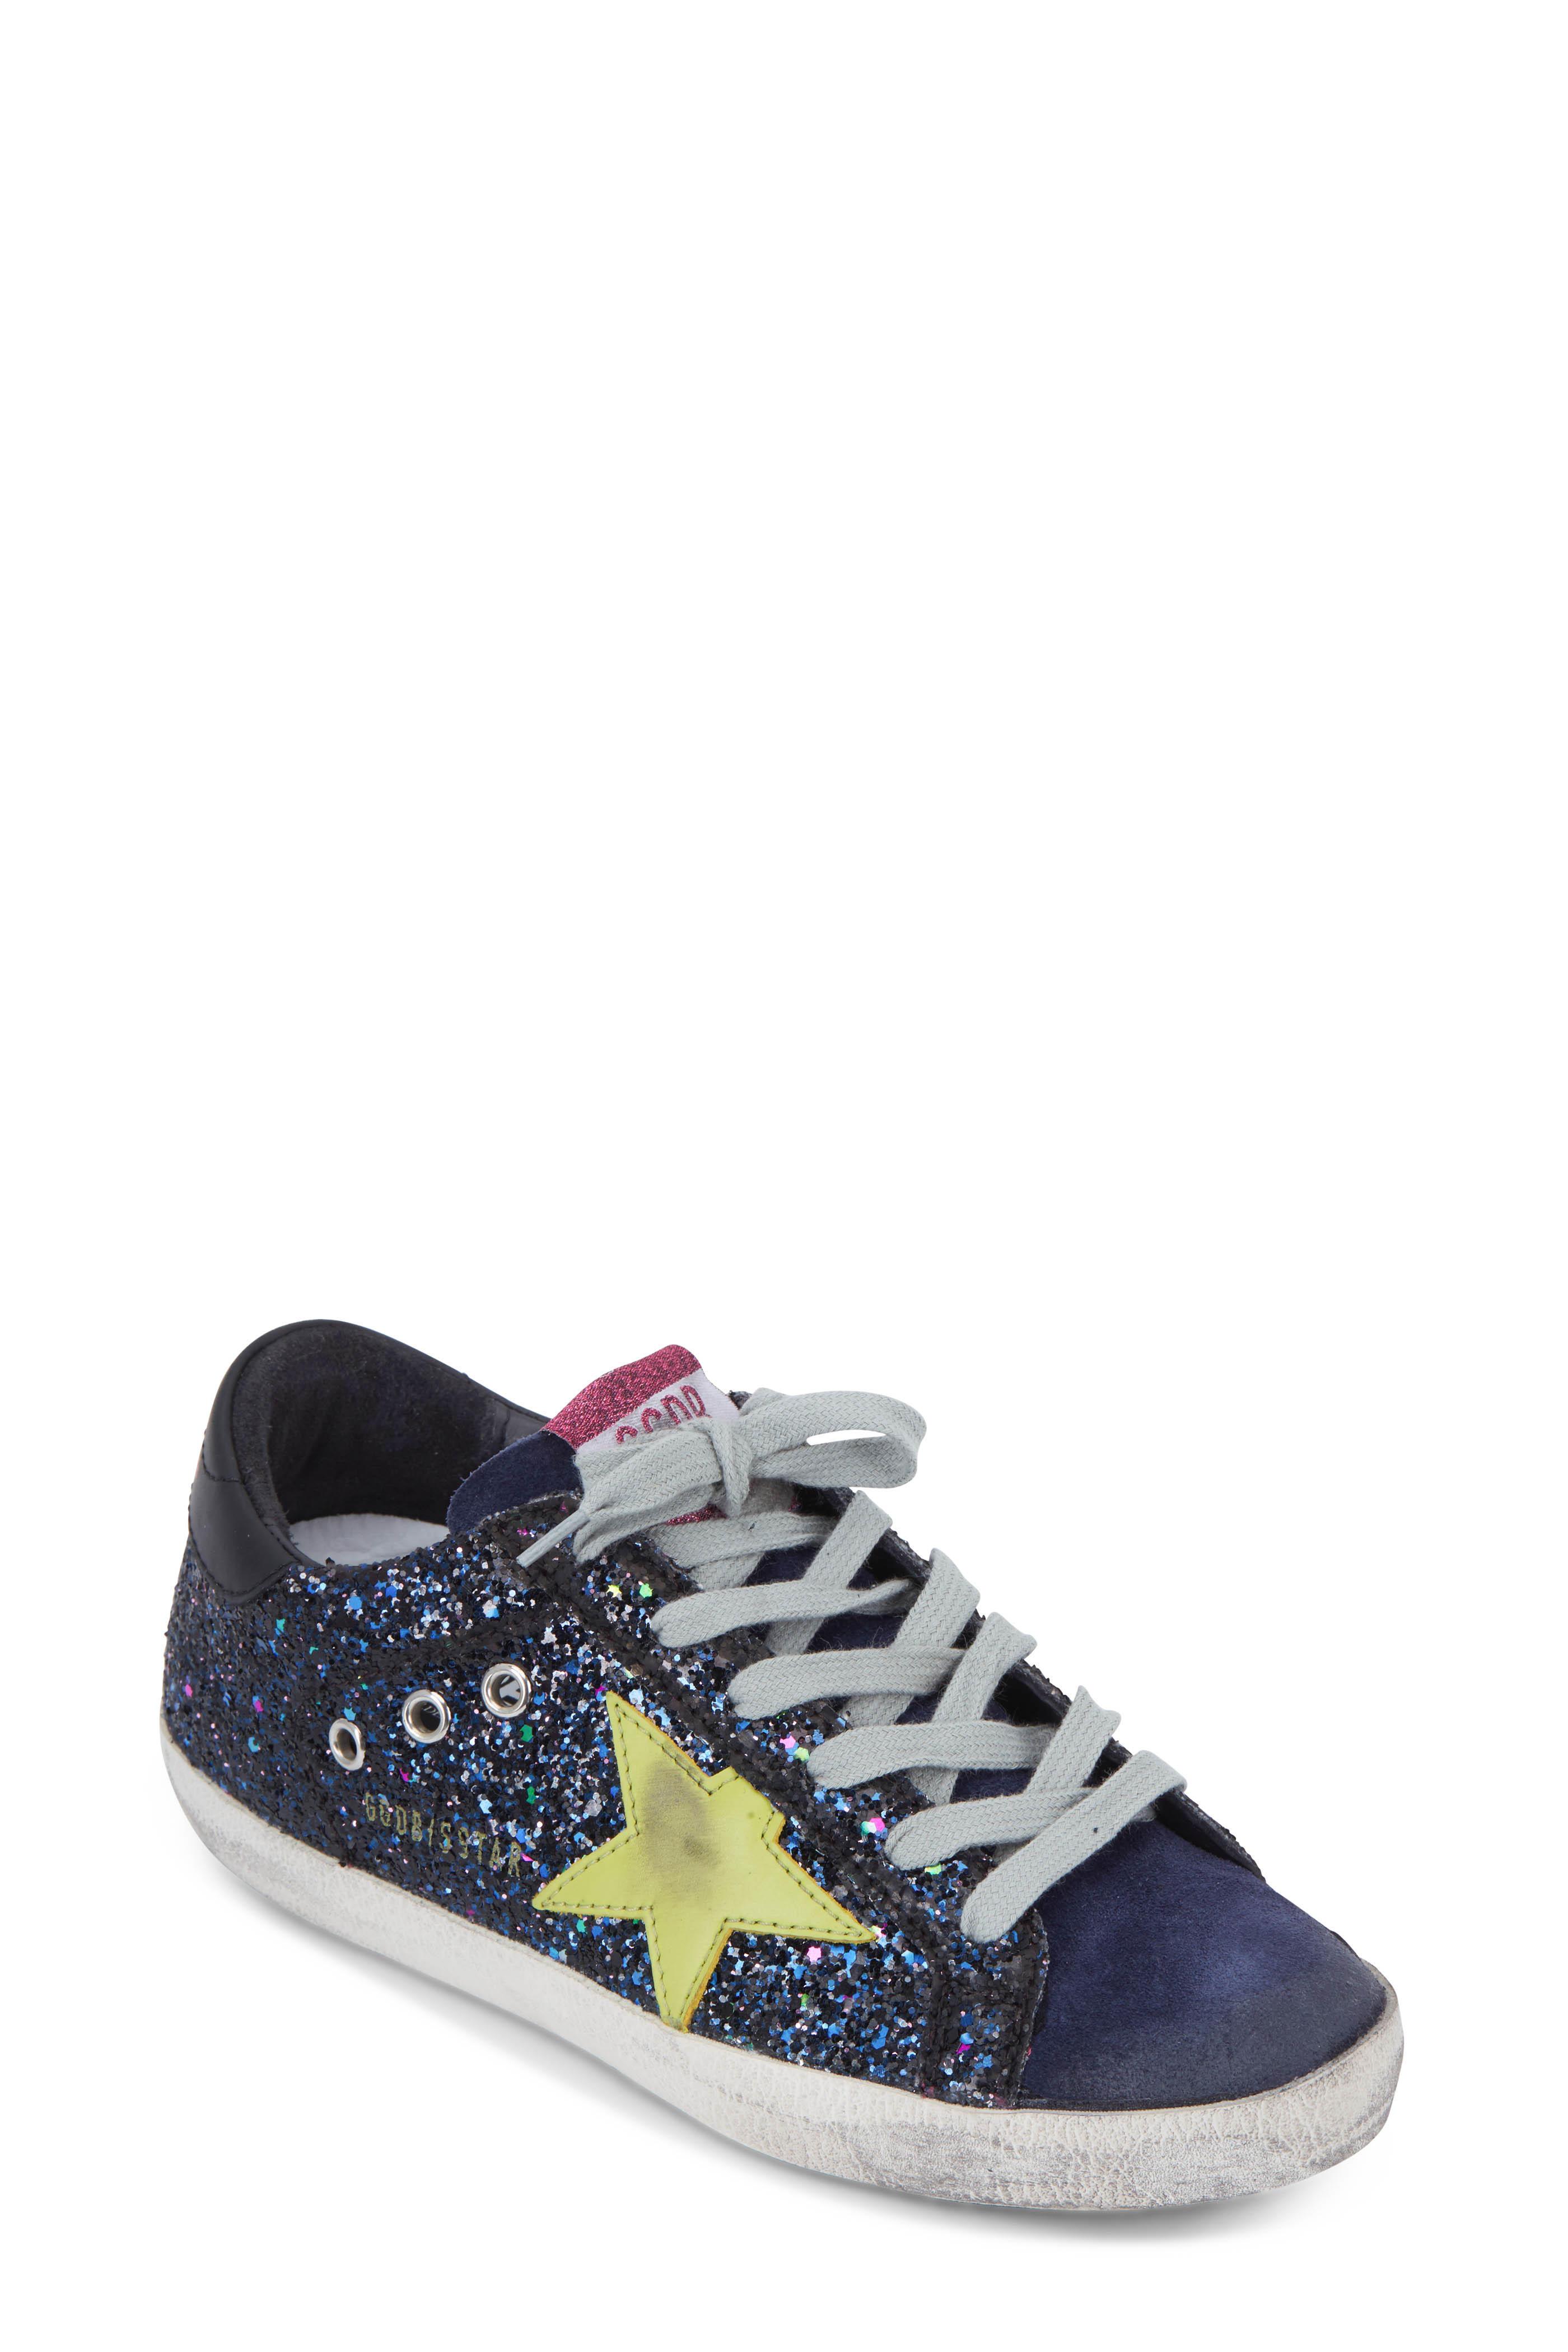 half off 685b1 c76f8 Golden Goose. Superstar Disco Glitter Low Top Sneaker